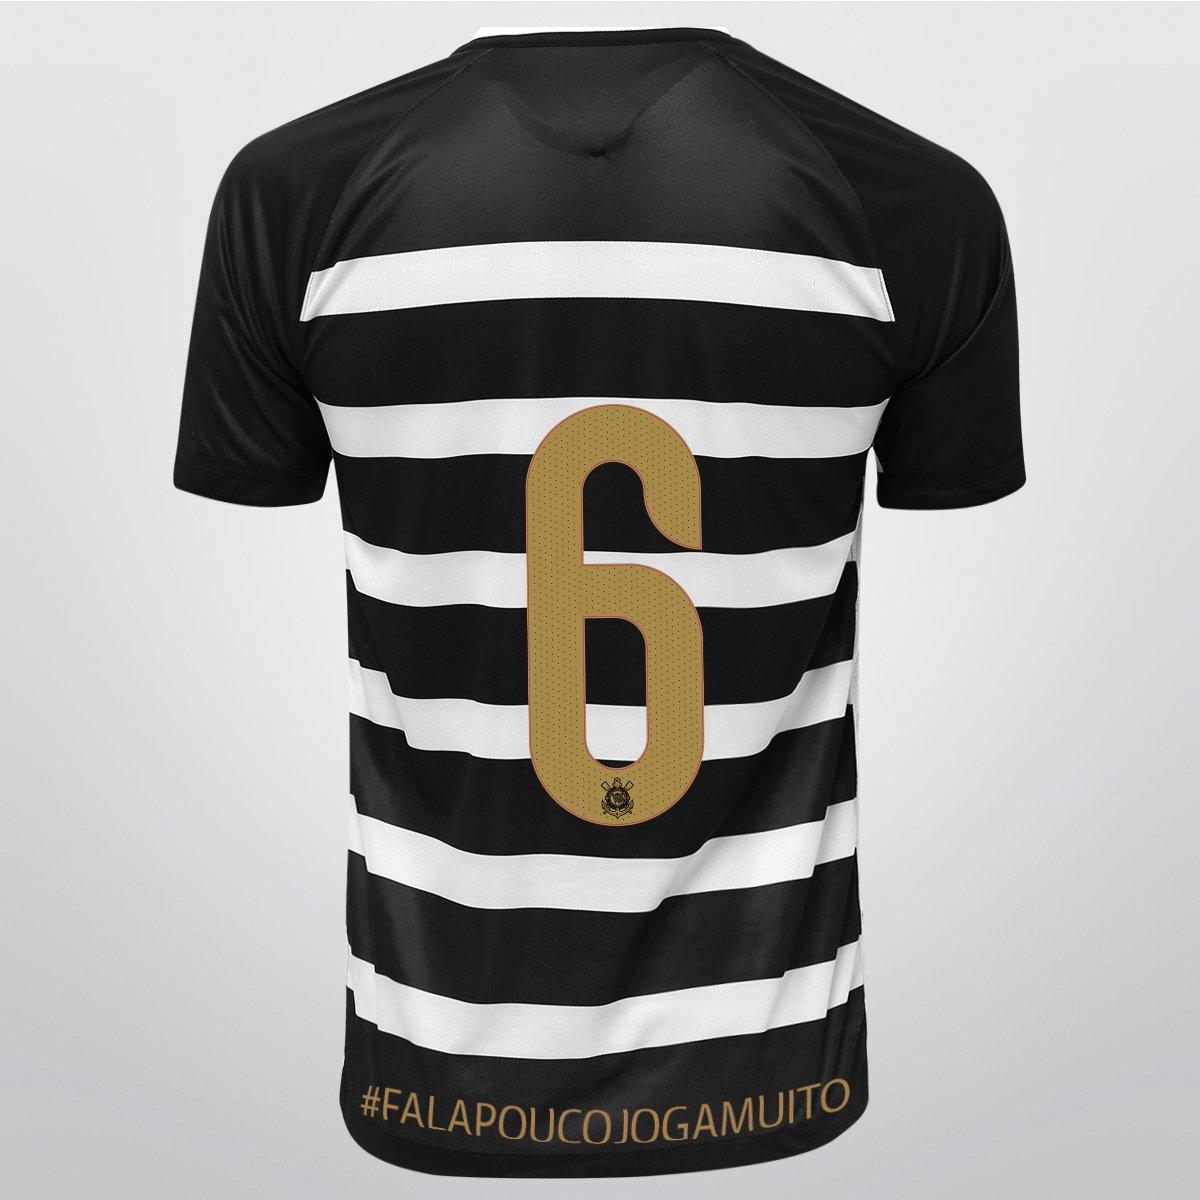 aa55869648668 Camisa Nike Corinthians II 15 16 nº 6 - falapoucojogamuito - Compre Agora